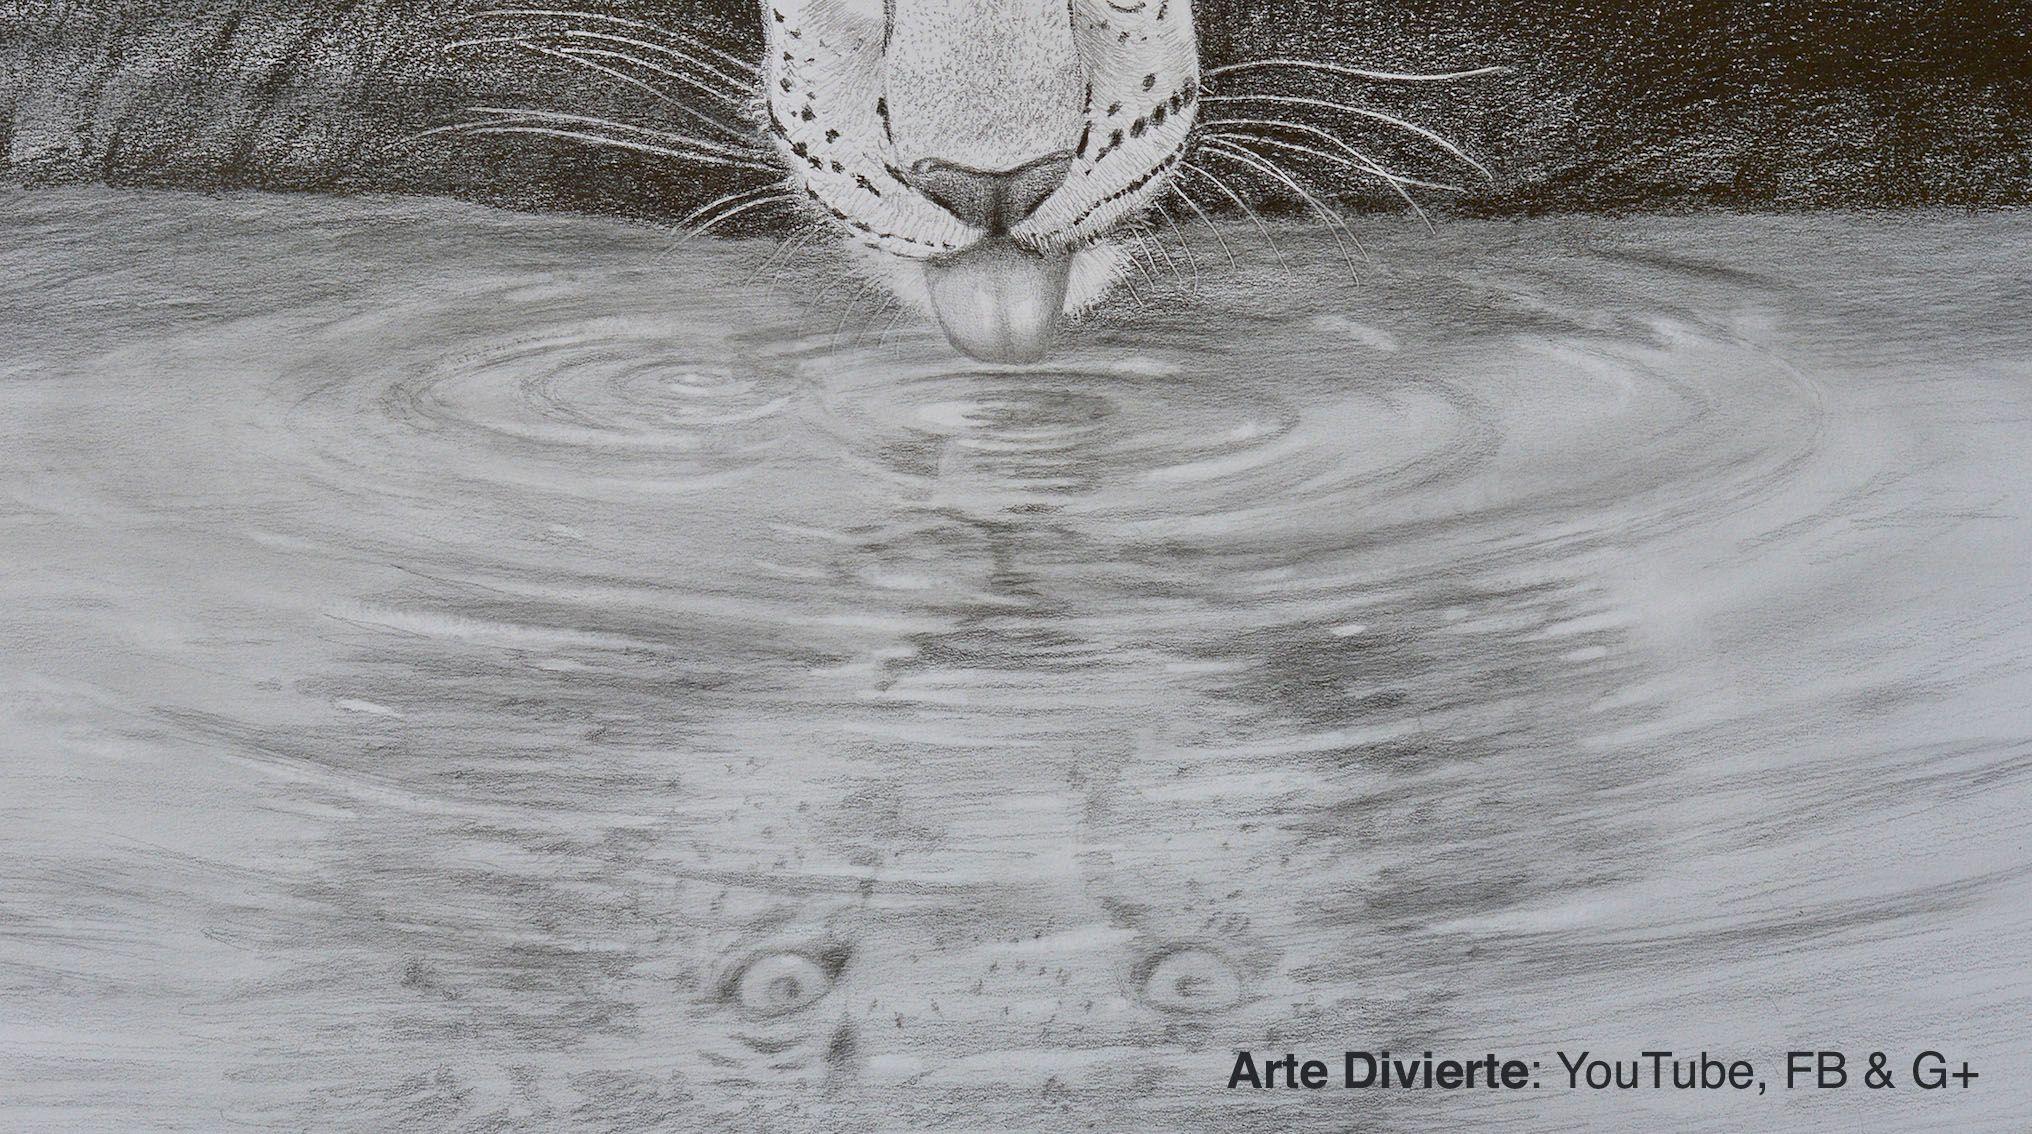 Dibujando Reflejos En El Agua Leopardo Tomando Agua Arte Dibujo Artedivierte Leopardo Agua Reflejo T Reflejos En El Agua Dibujos De Agua Arte Divertido